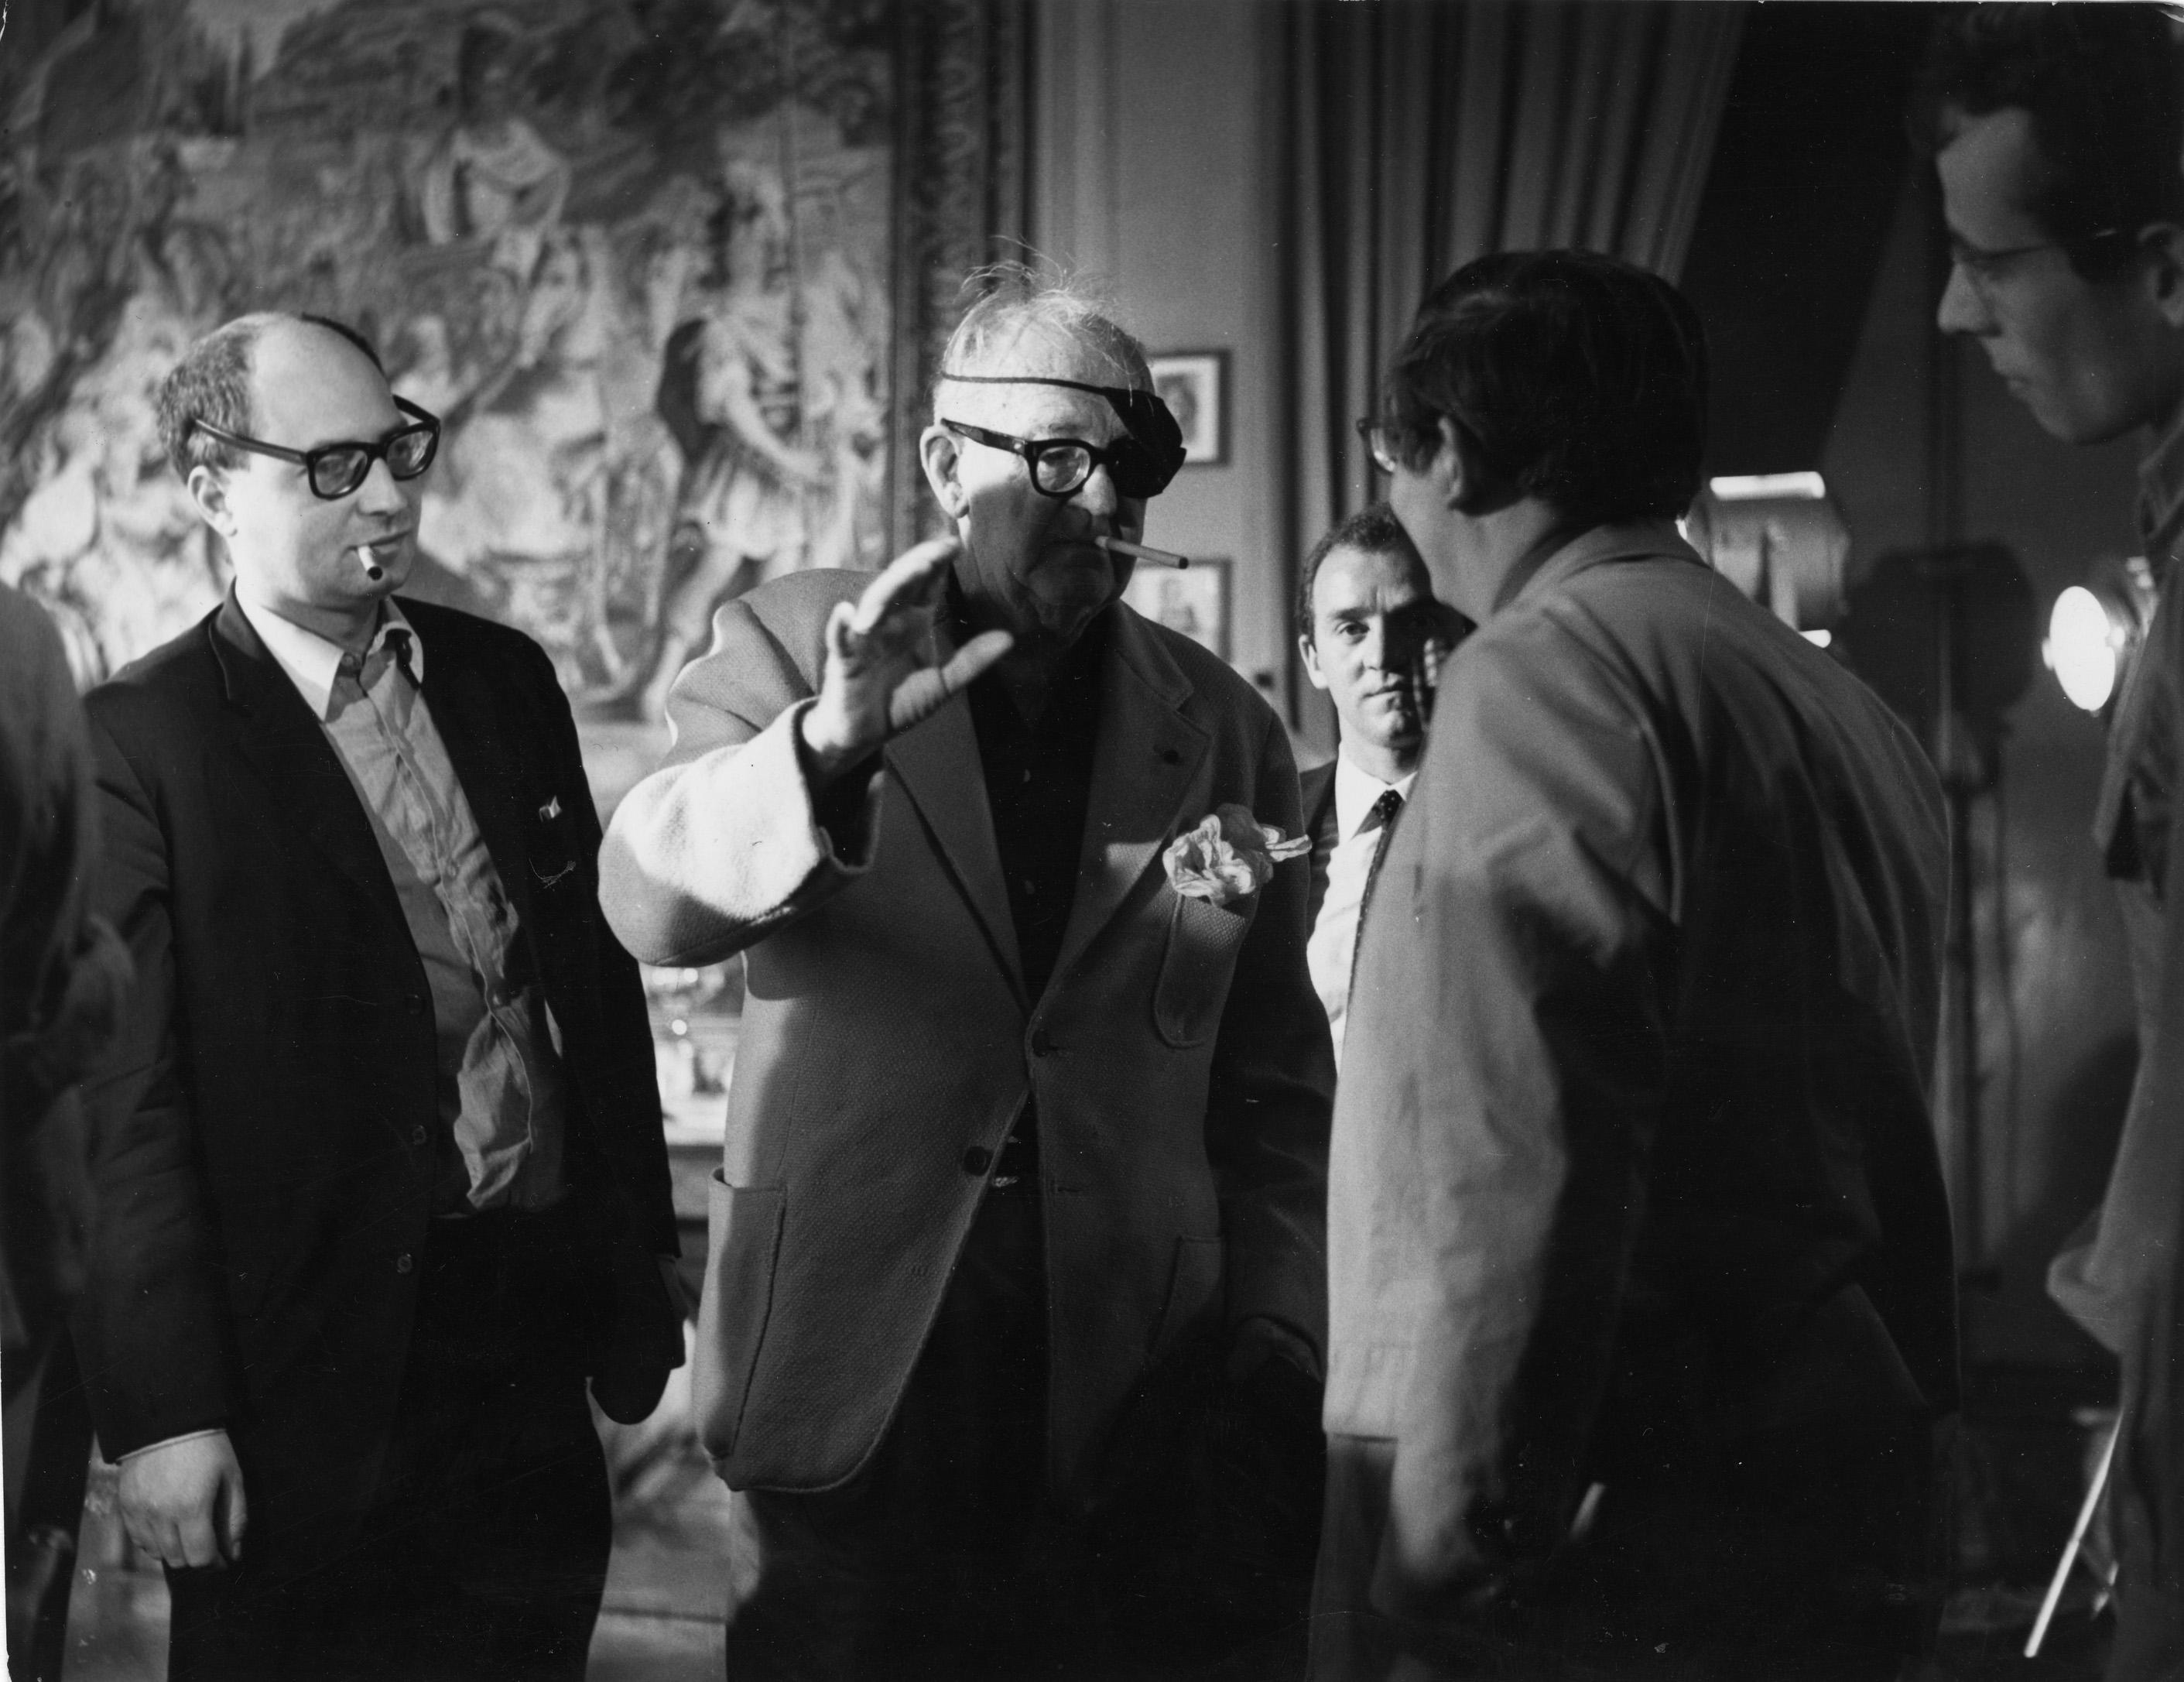 Pierre Rissient en compagnie de John Ford et de Claude Chabrol en 1966 à Paris.